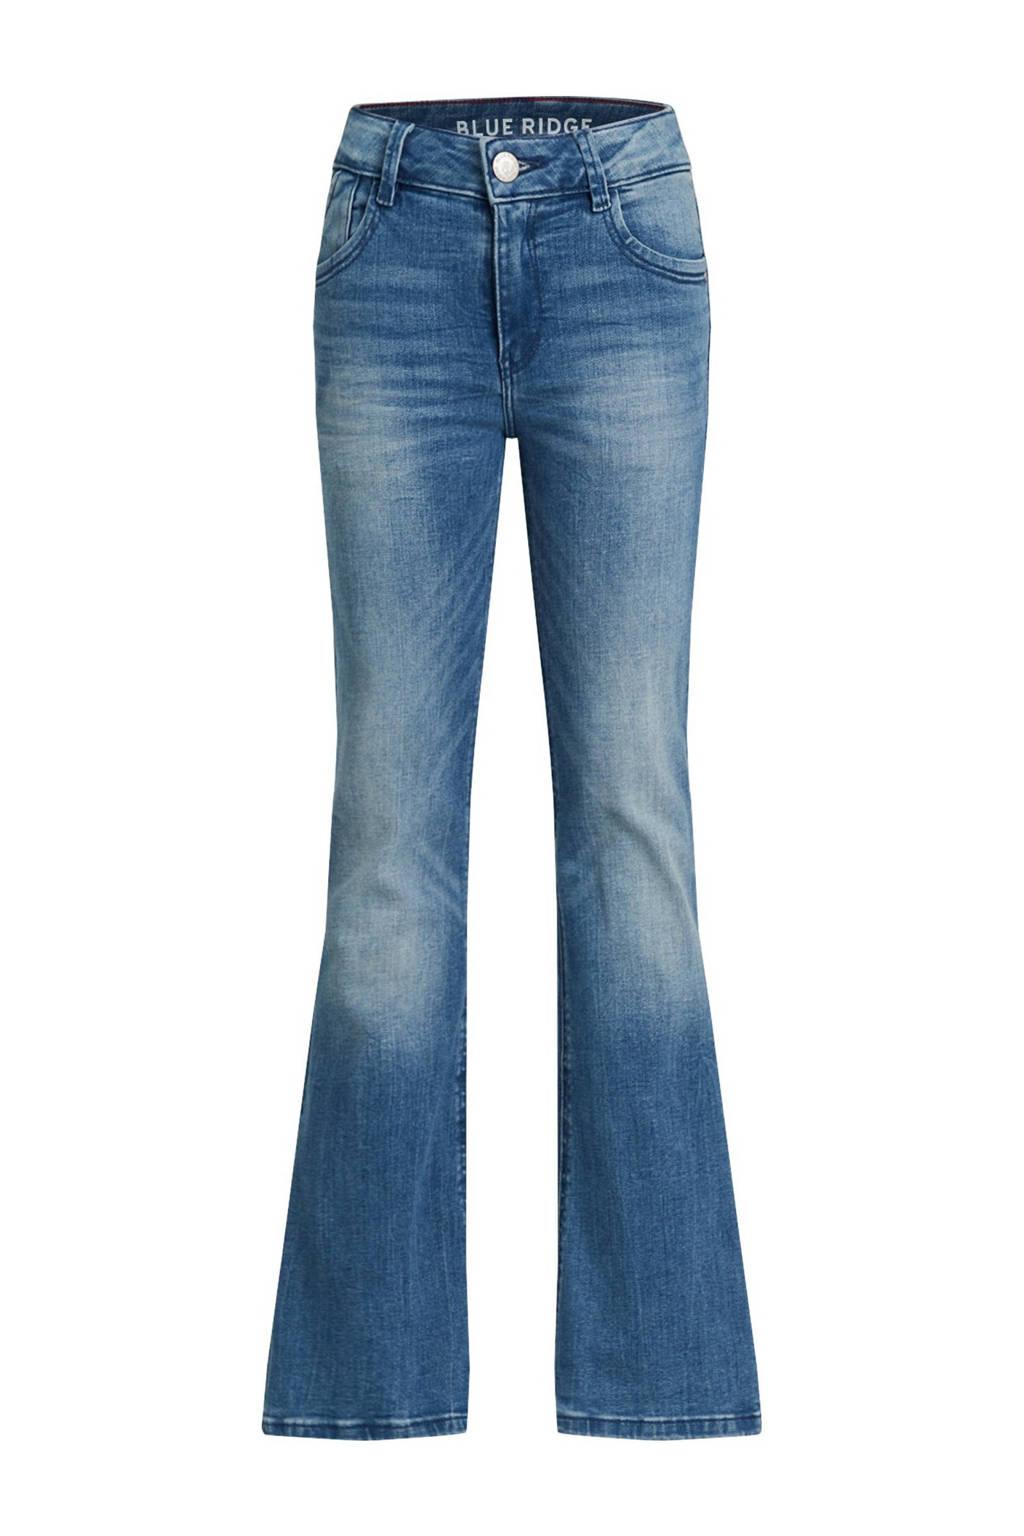 WE Fashion Blue Ridge flared jeans Farah stonewashed, Stonewashed